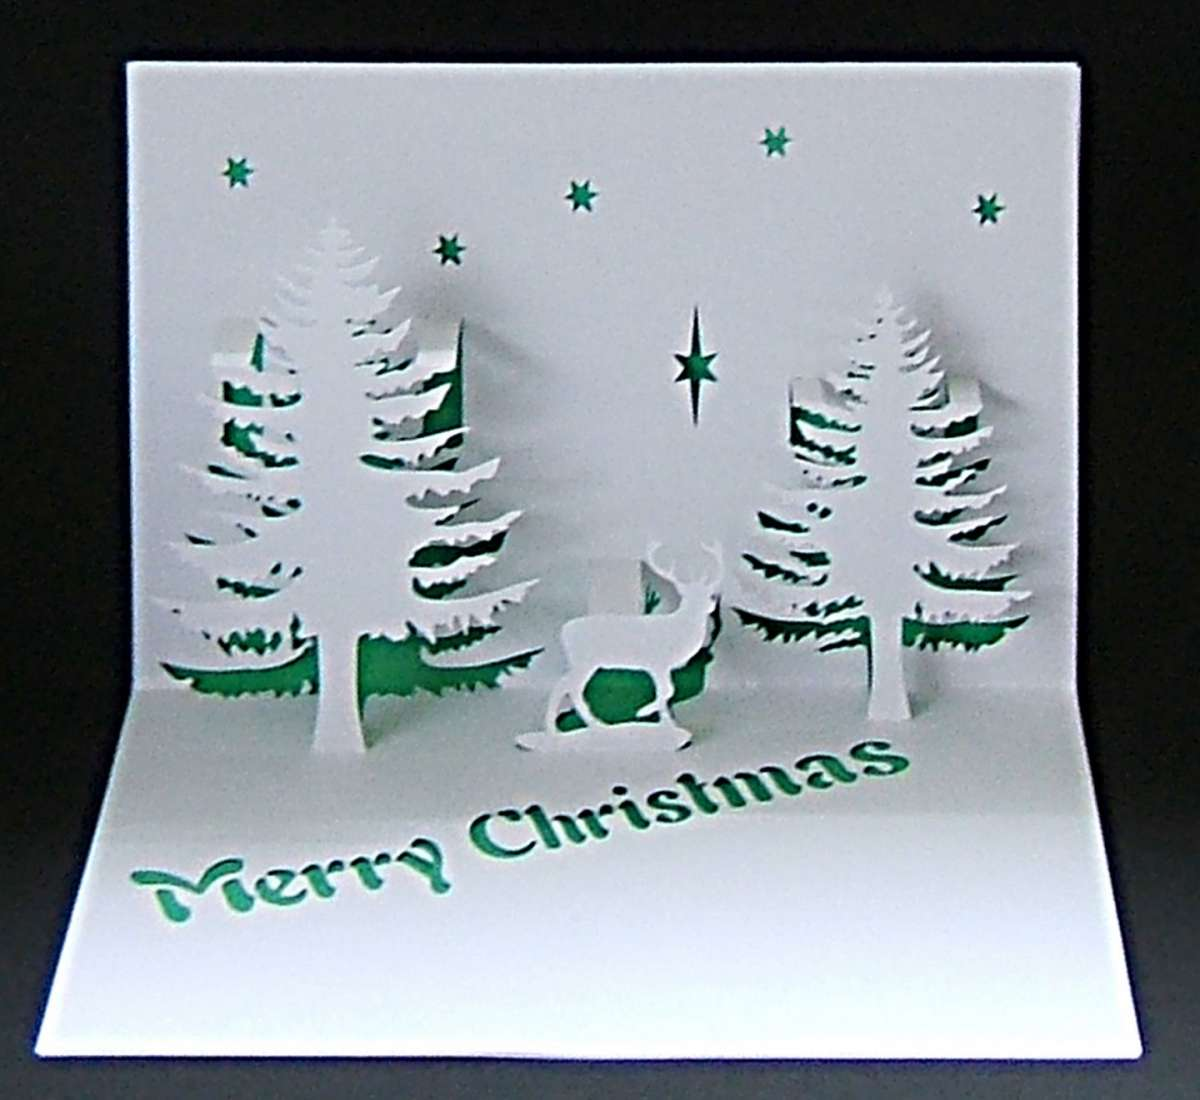 Biglietti pop up di Natale fai da te:alberi